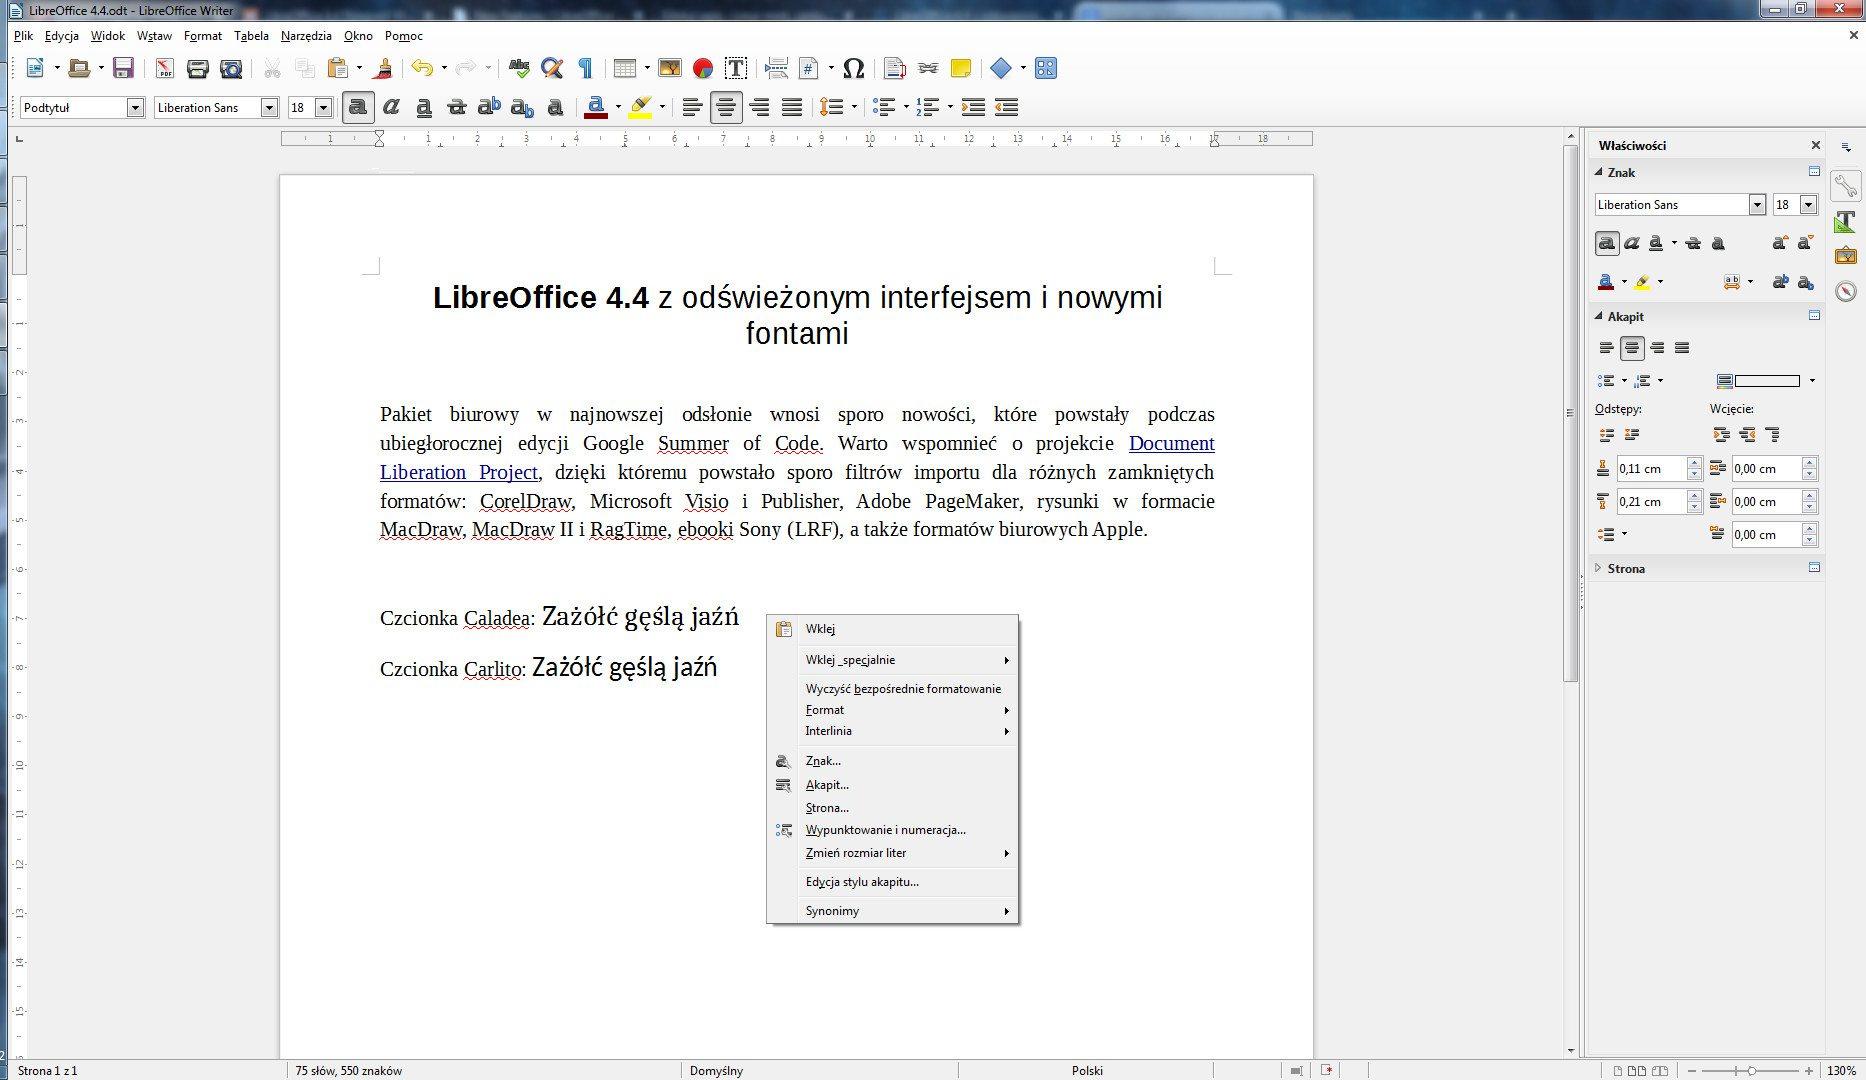 LibreOffice 4.4 - wygląd